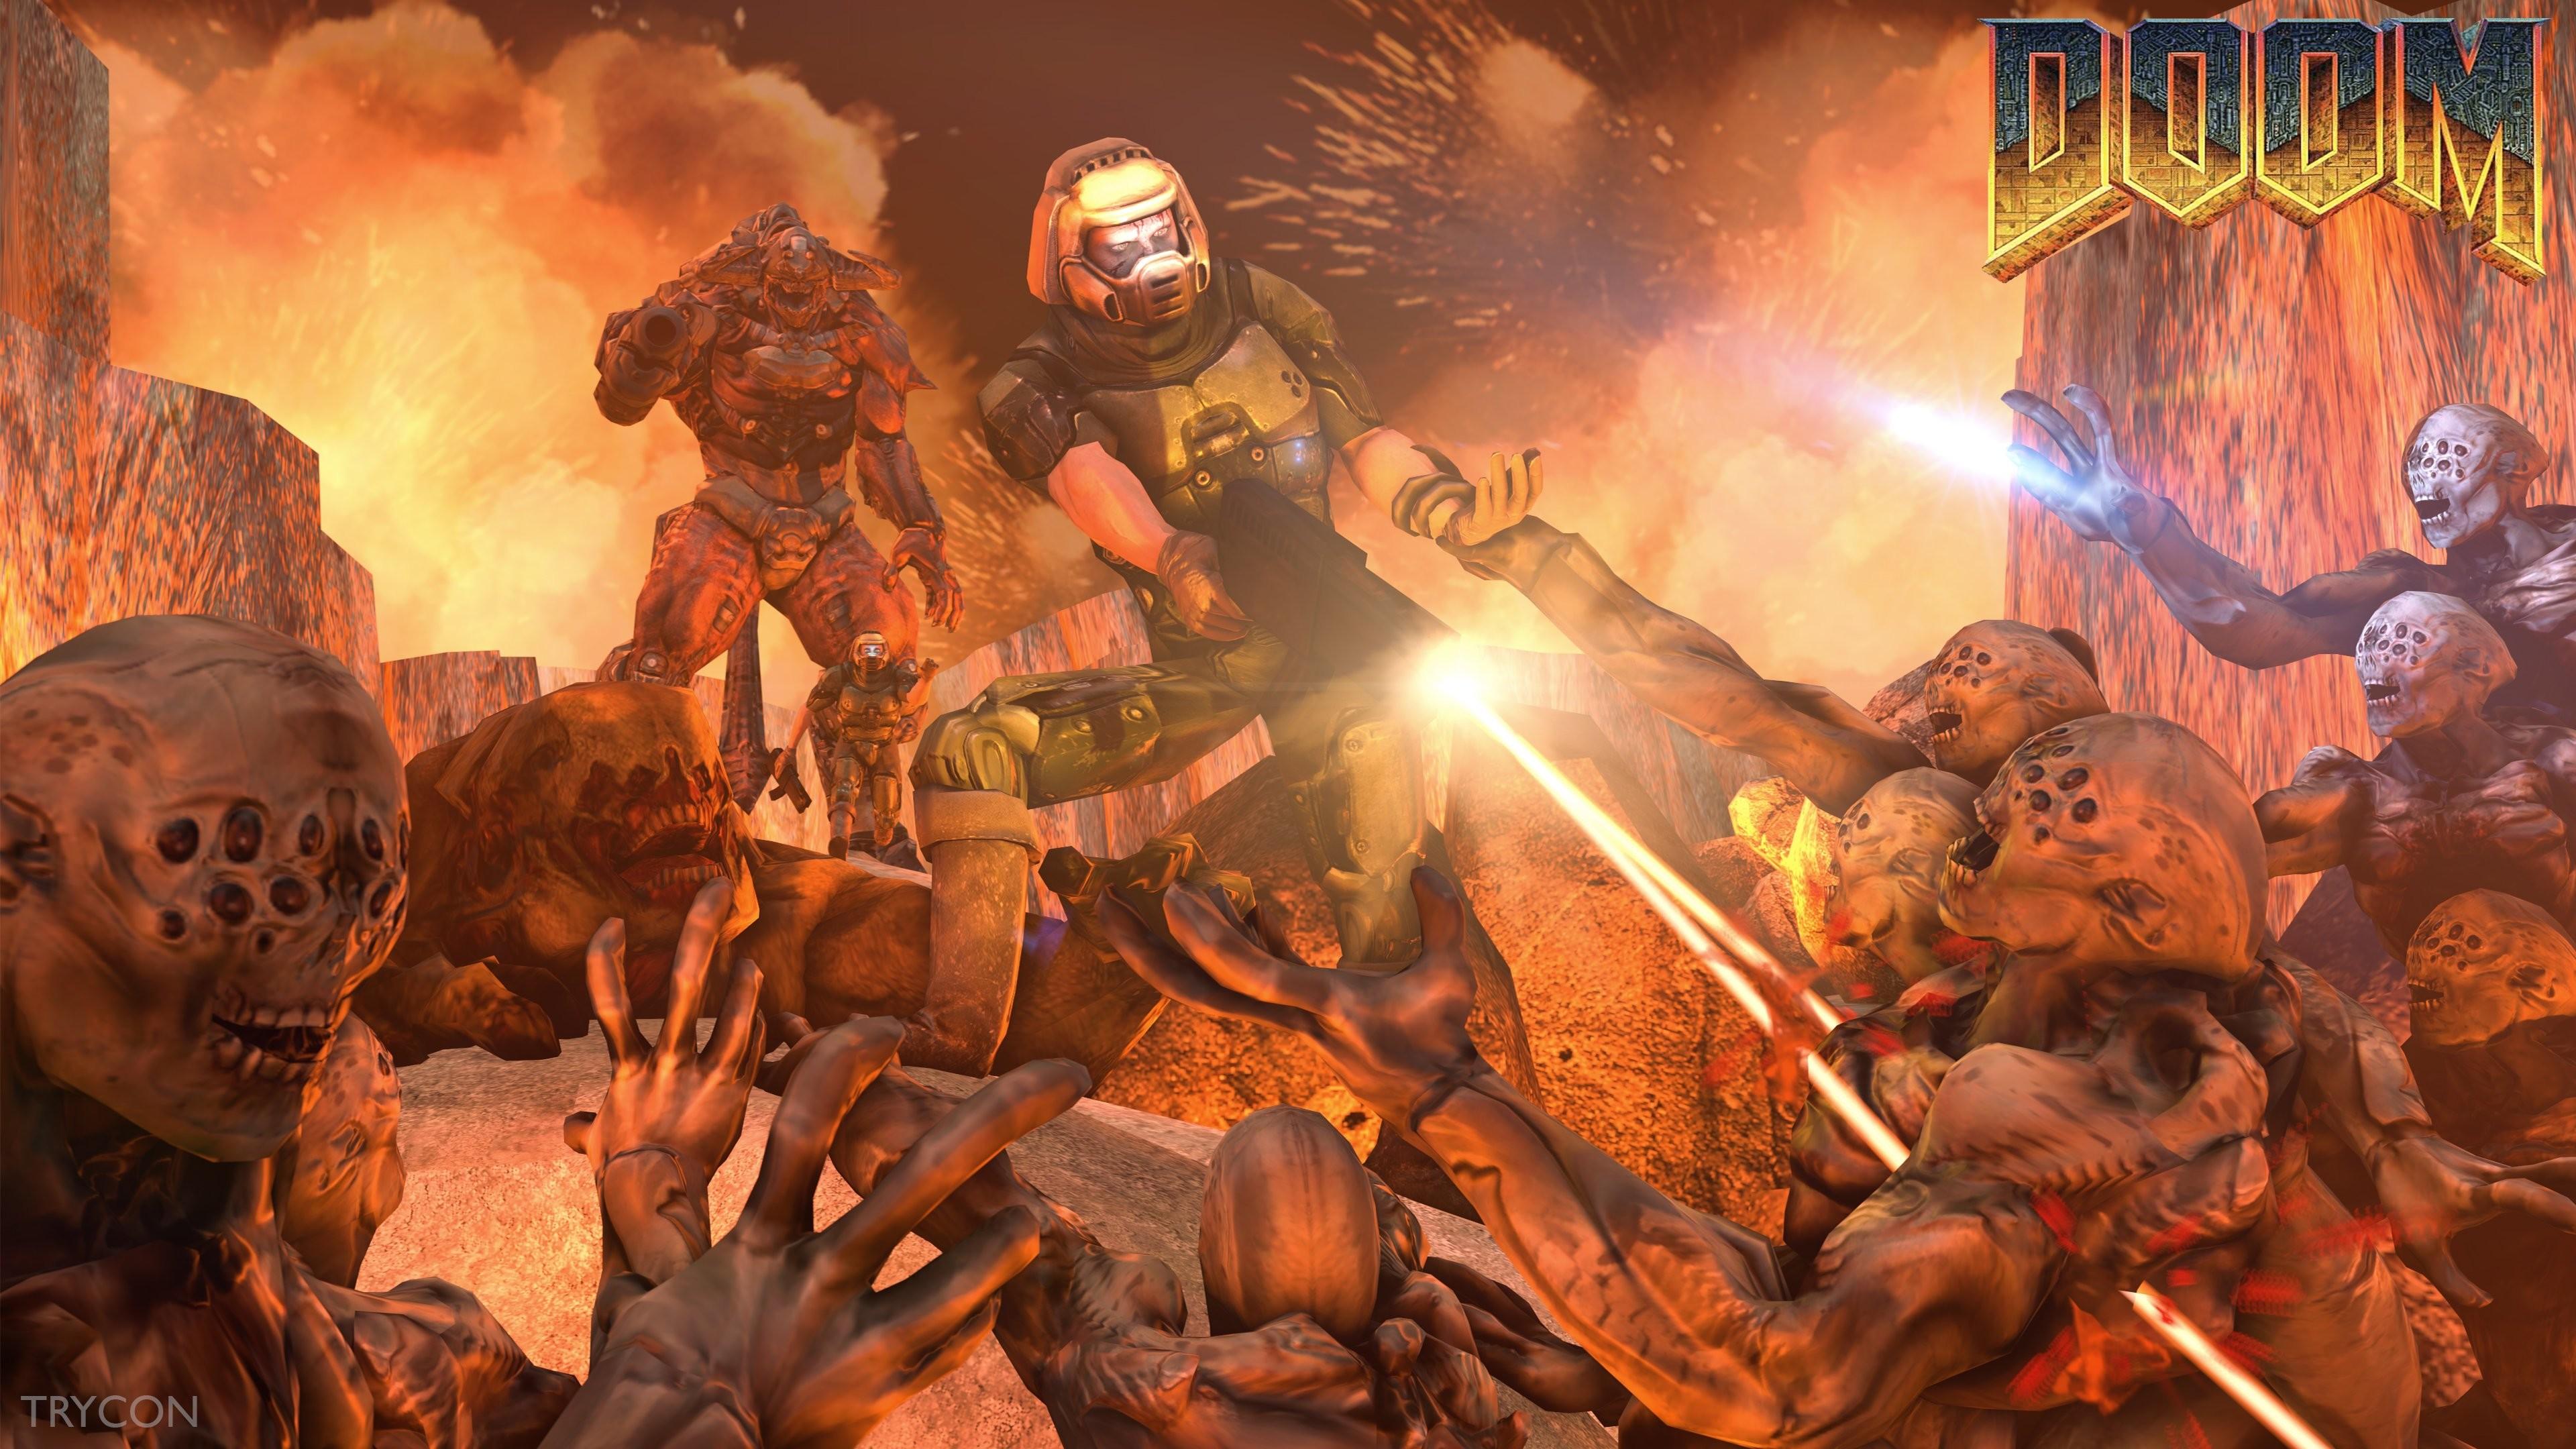 Best Game Doom Wallpaper #31149 Wallpaper | Download HD Wallpaper